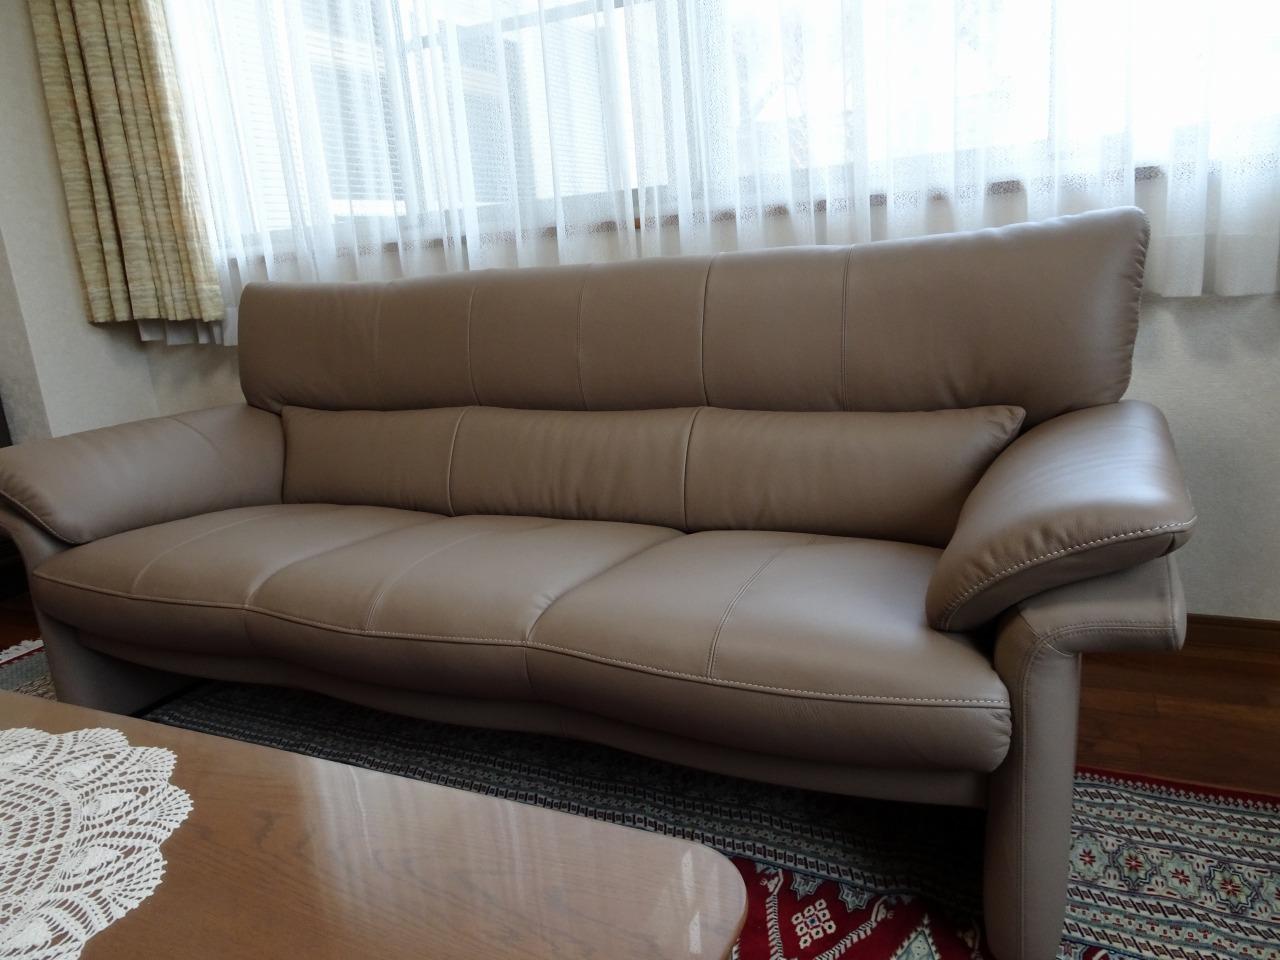 大阪府のN様にカリモク家具 ソファーZU34シリーズを3台お届けいたしました。